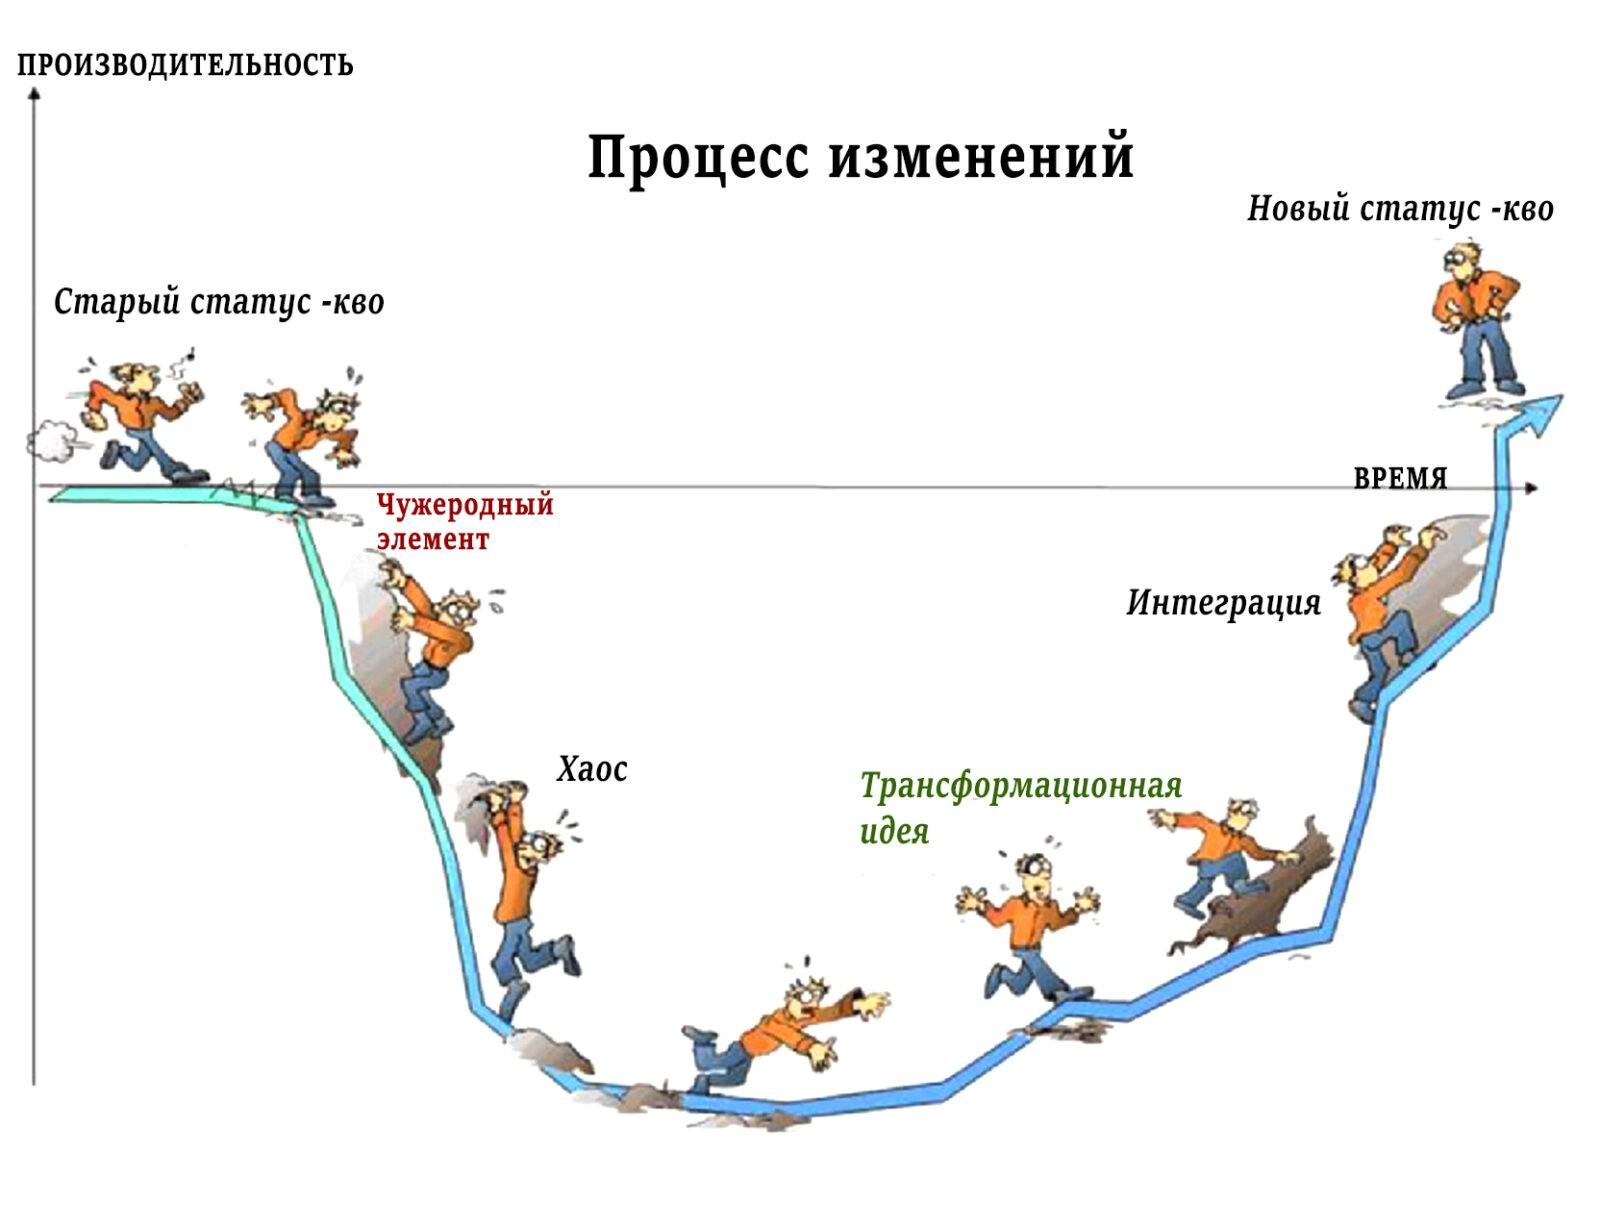 Роль событий в процессе организационных изменений (модель В.Сатир)